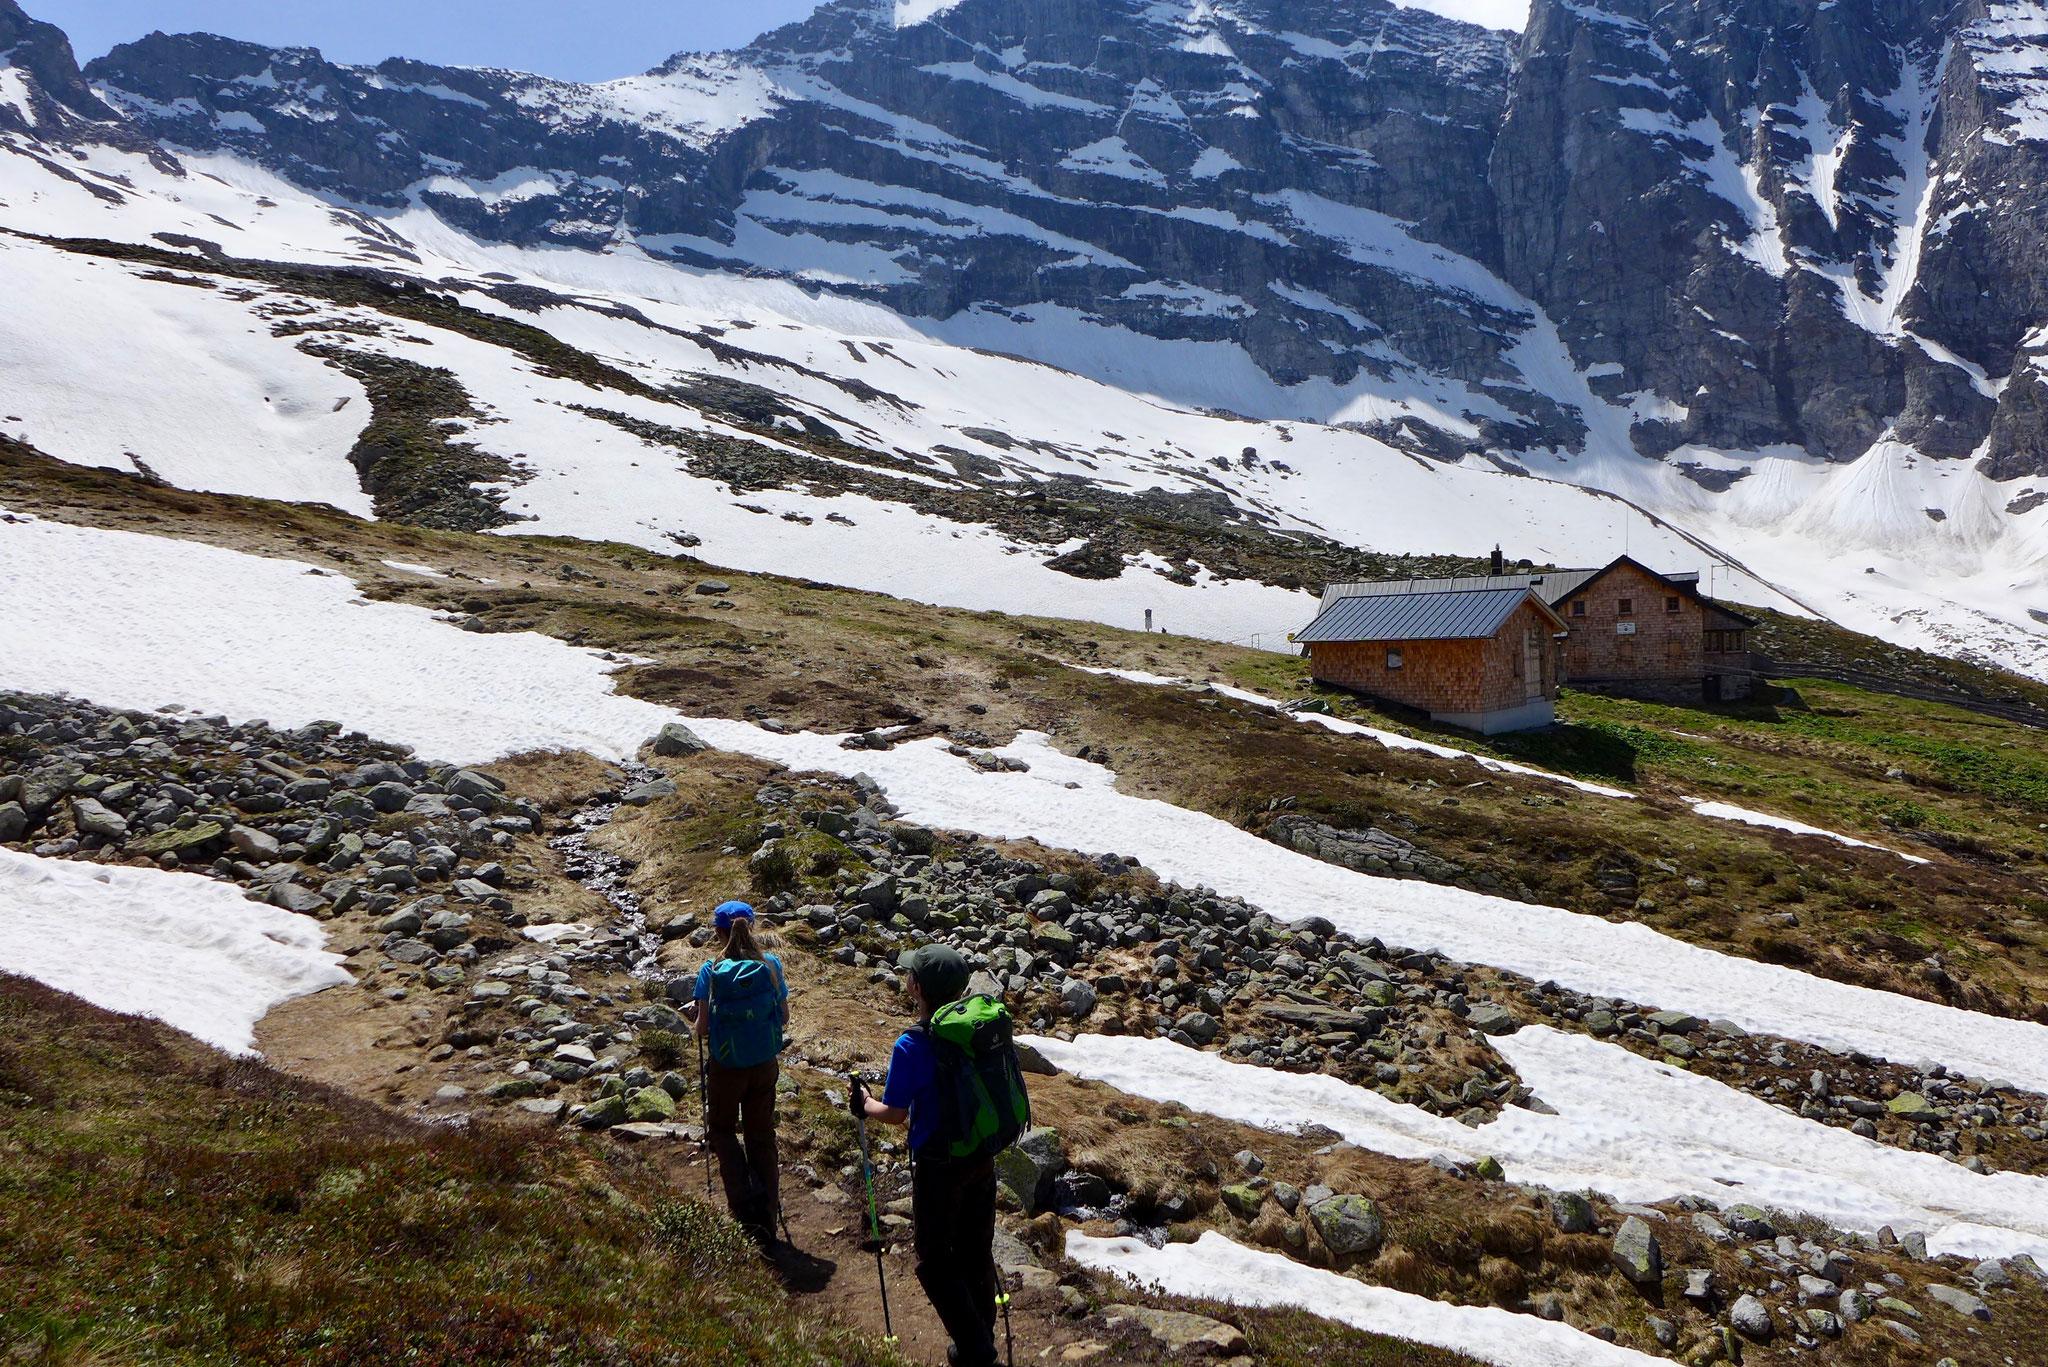 Es lag noch viel Schnee um die Hütte herum.